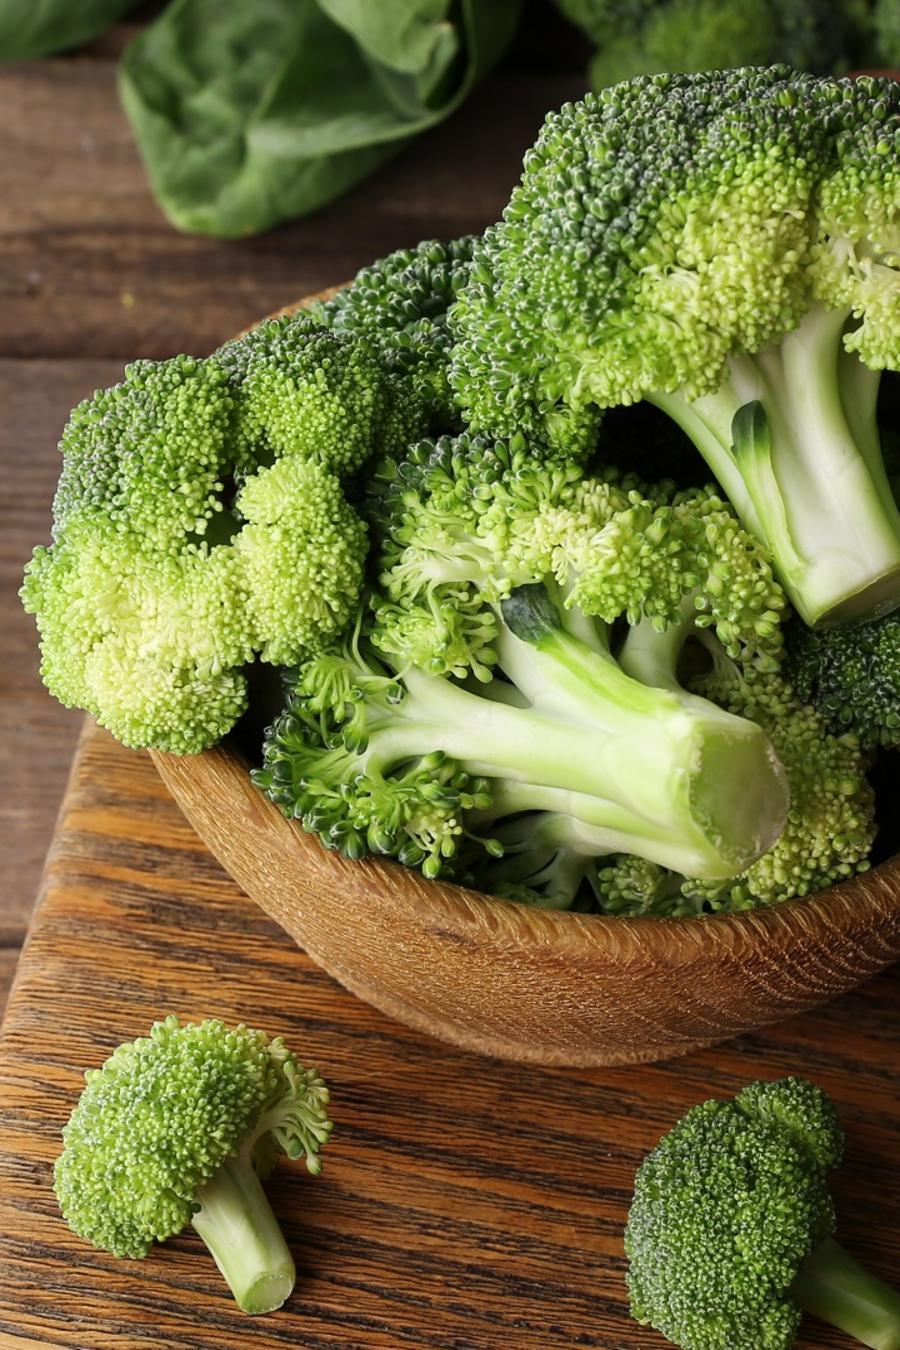 Plato con brócoli sobre una mesa de madera